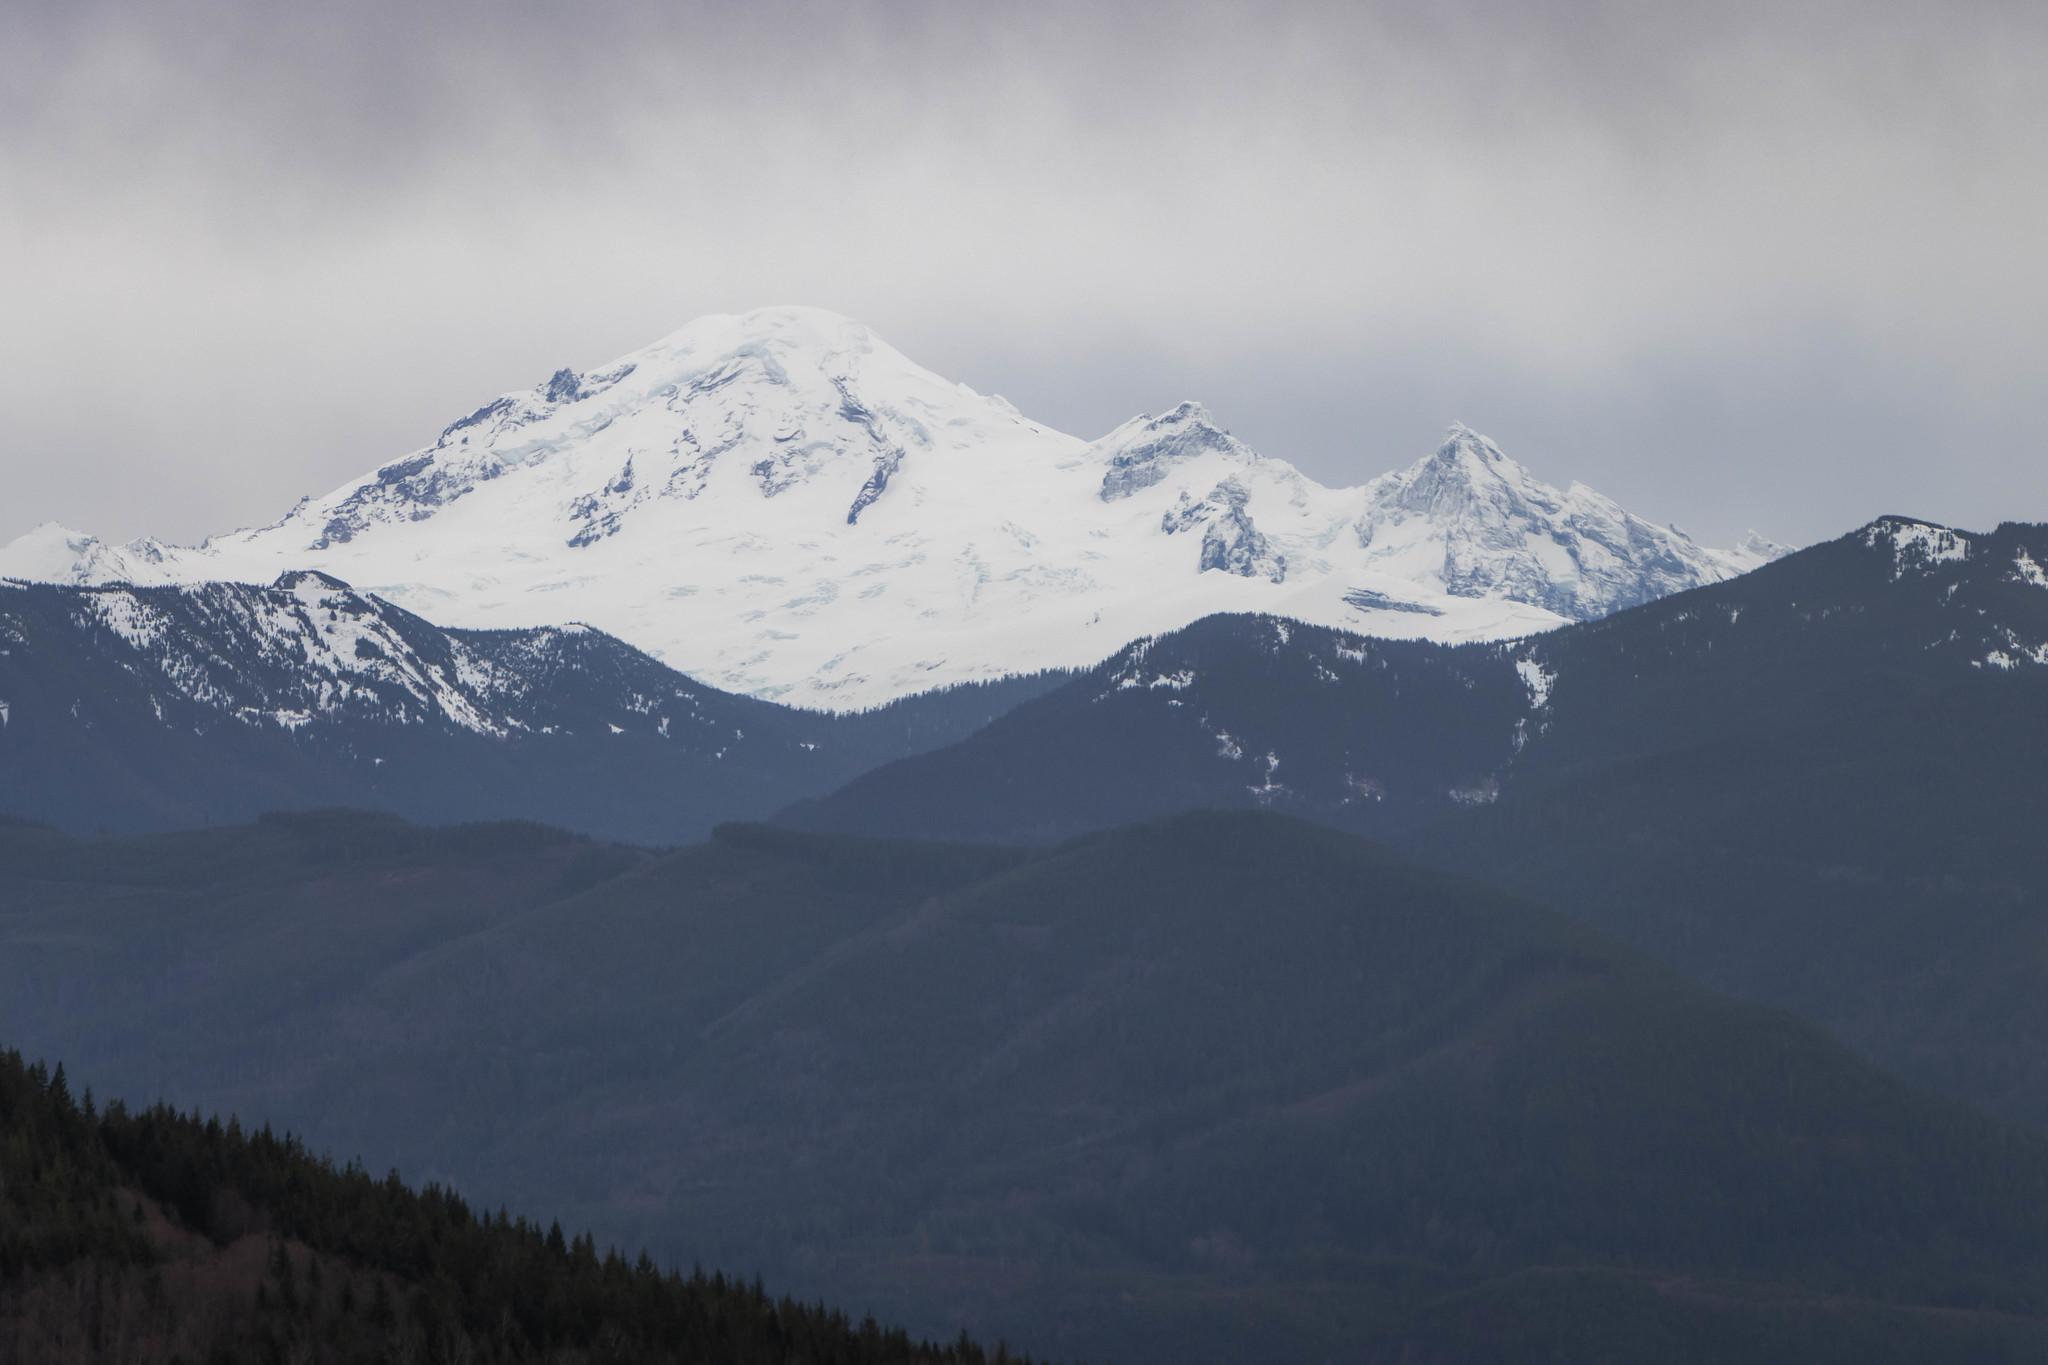 Hillside view of Mount Baker